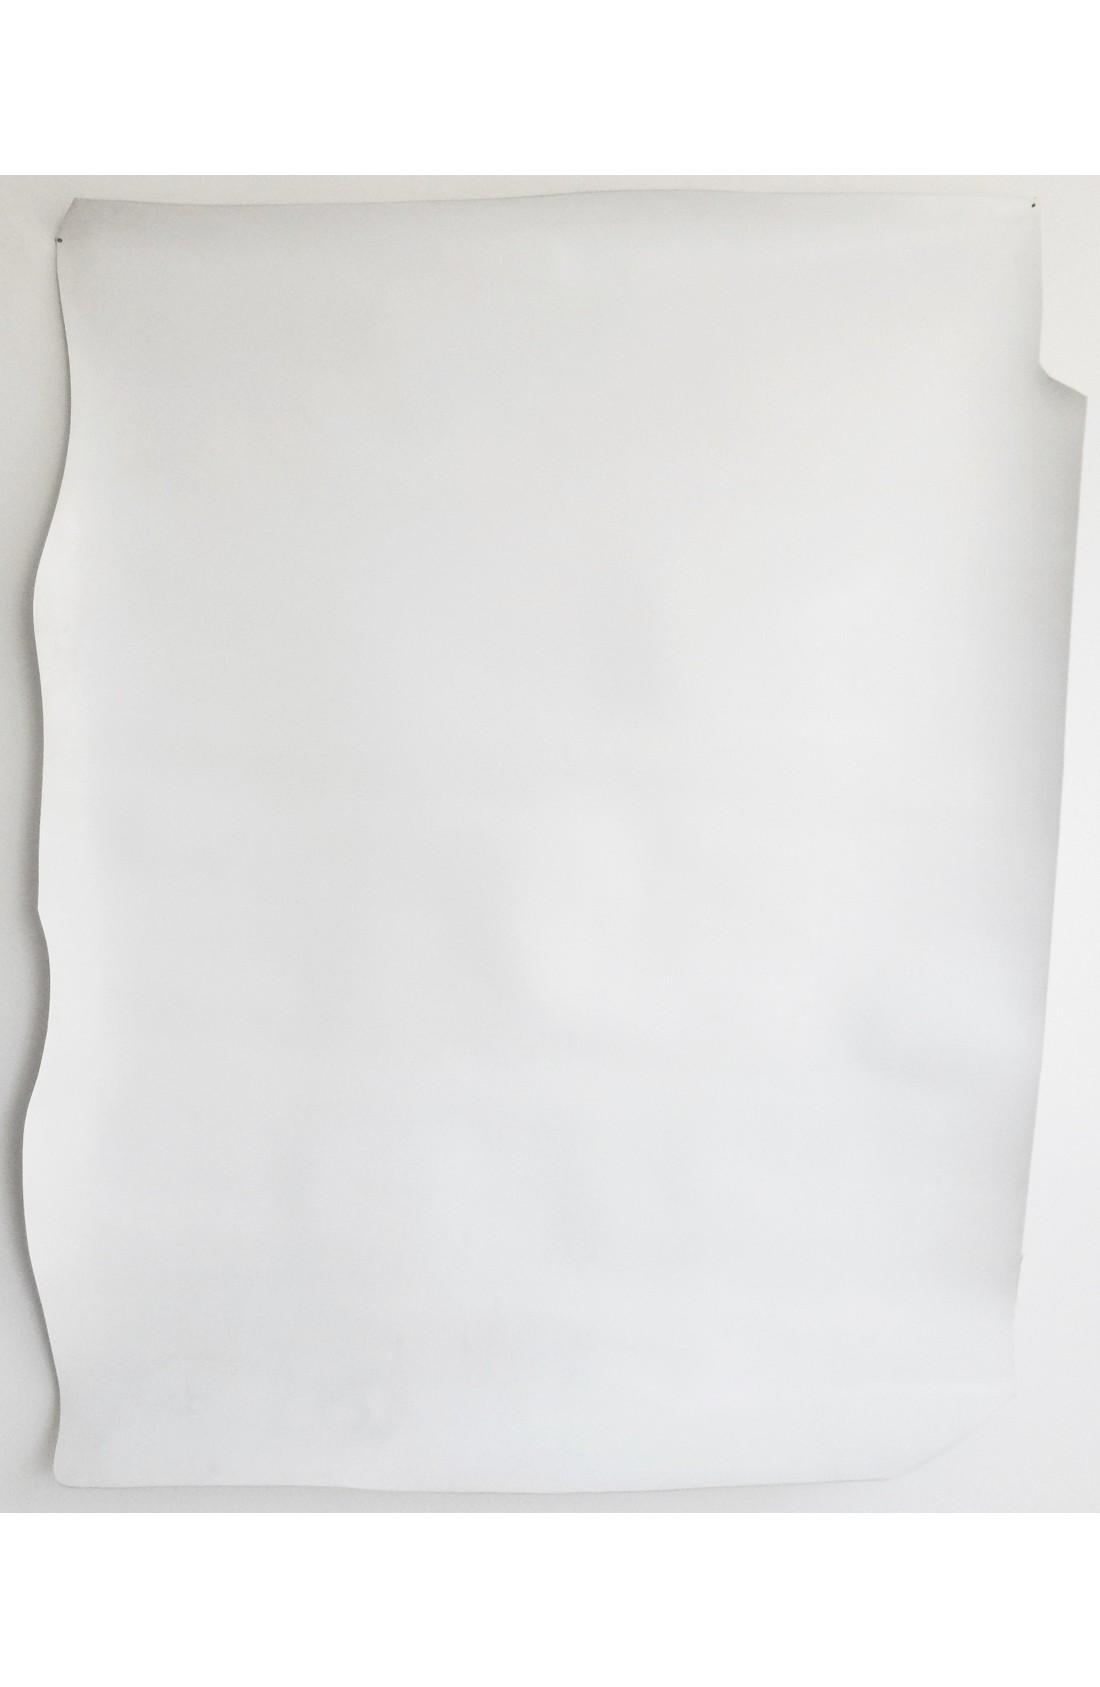 art. 66 LUCIDO SPAZZOLATO var.0 bianco